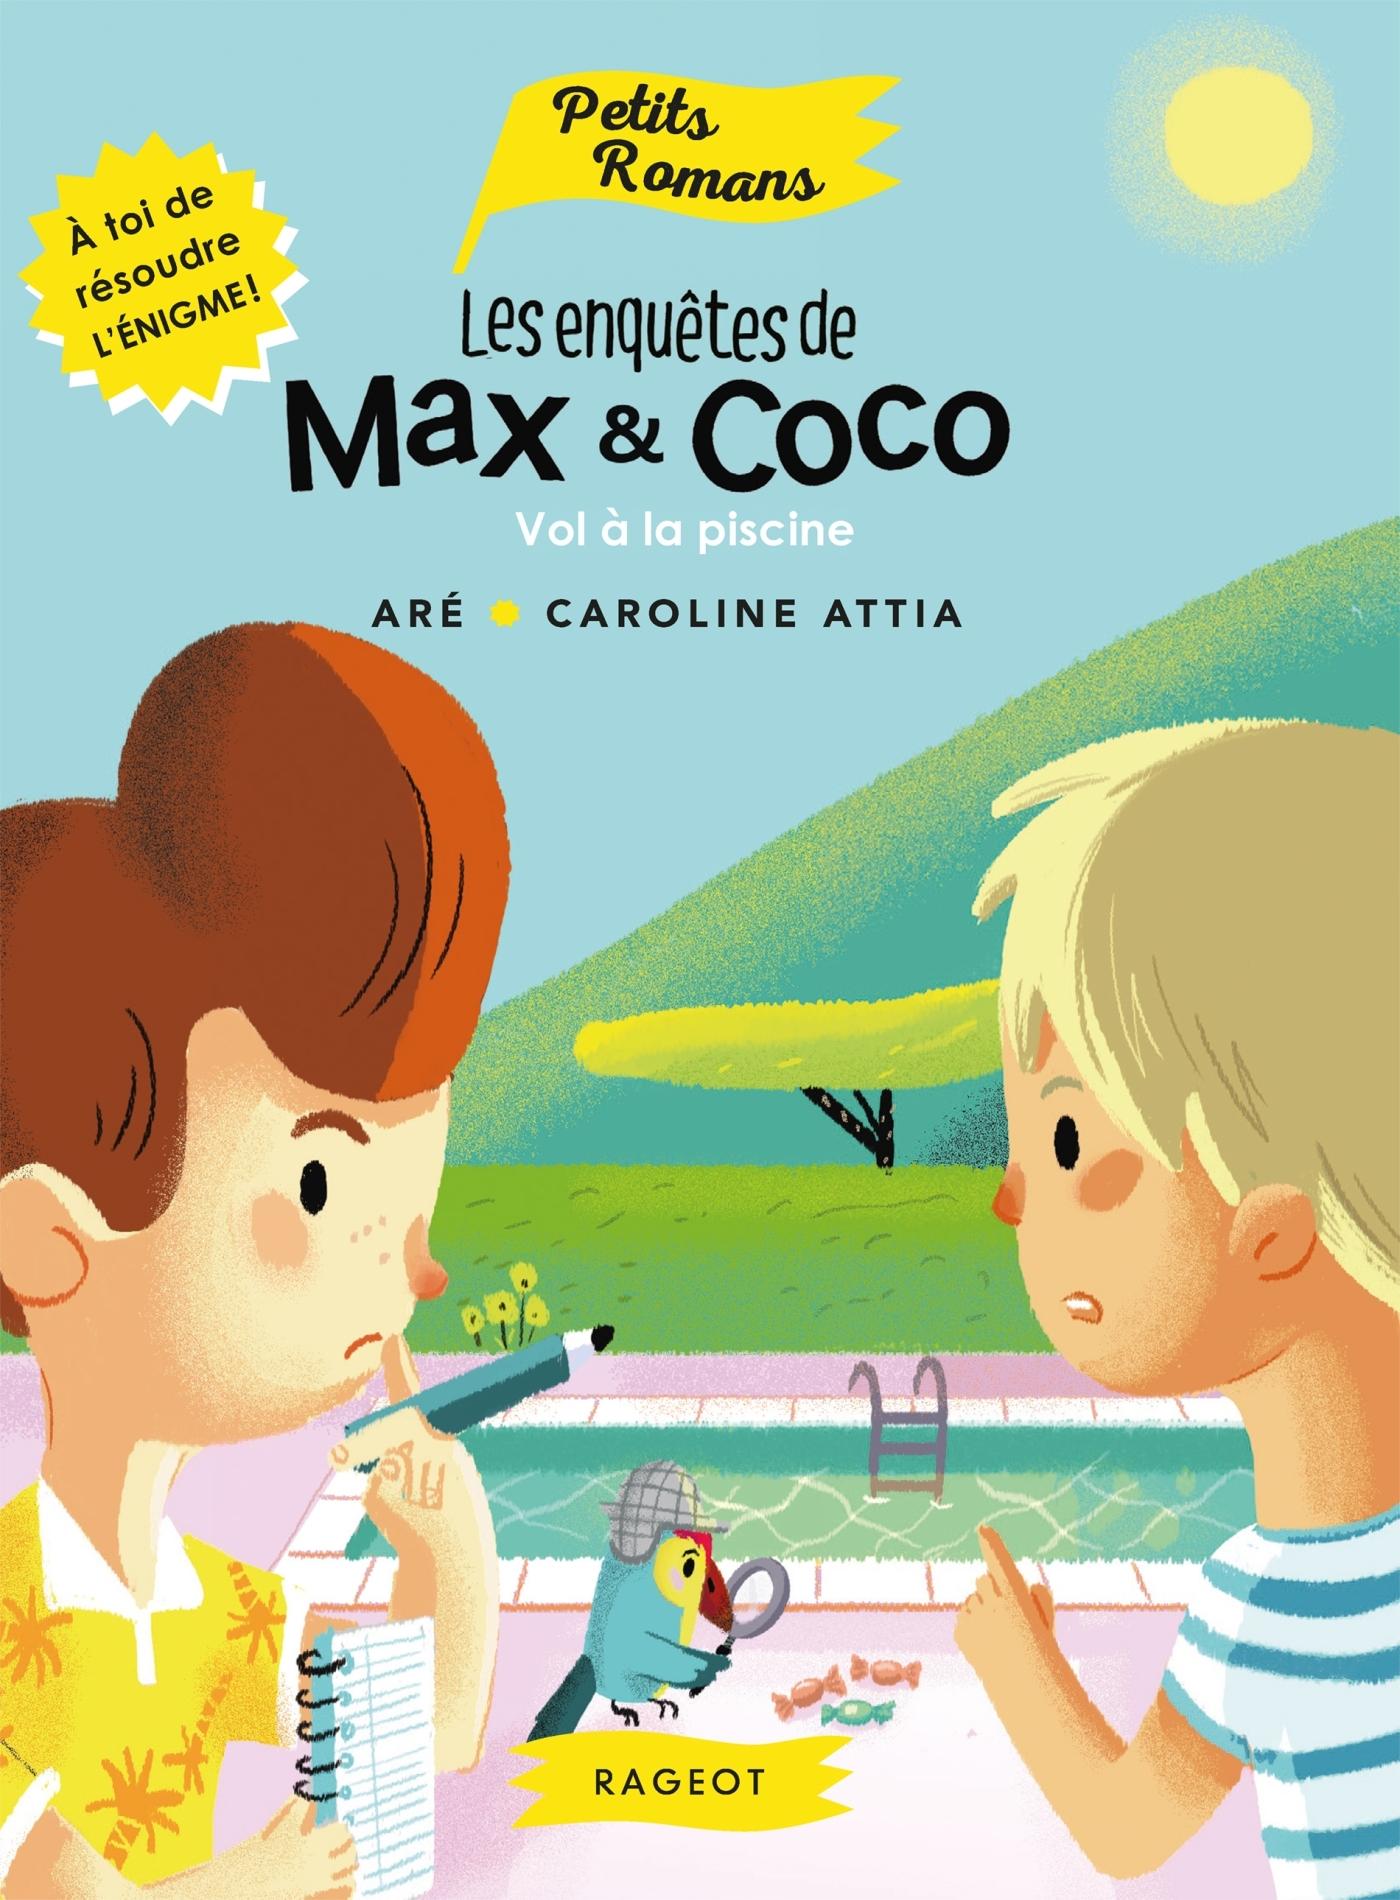 LES ENQUETES DE MAX ET COCO - VOL A LA PISCINE